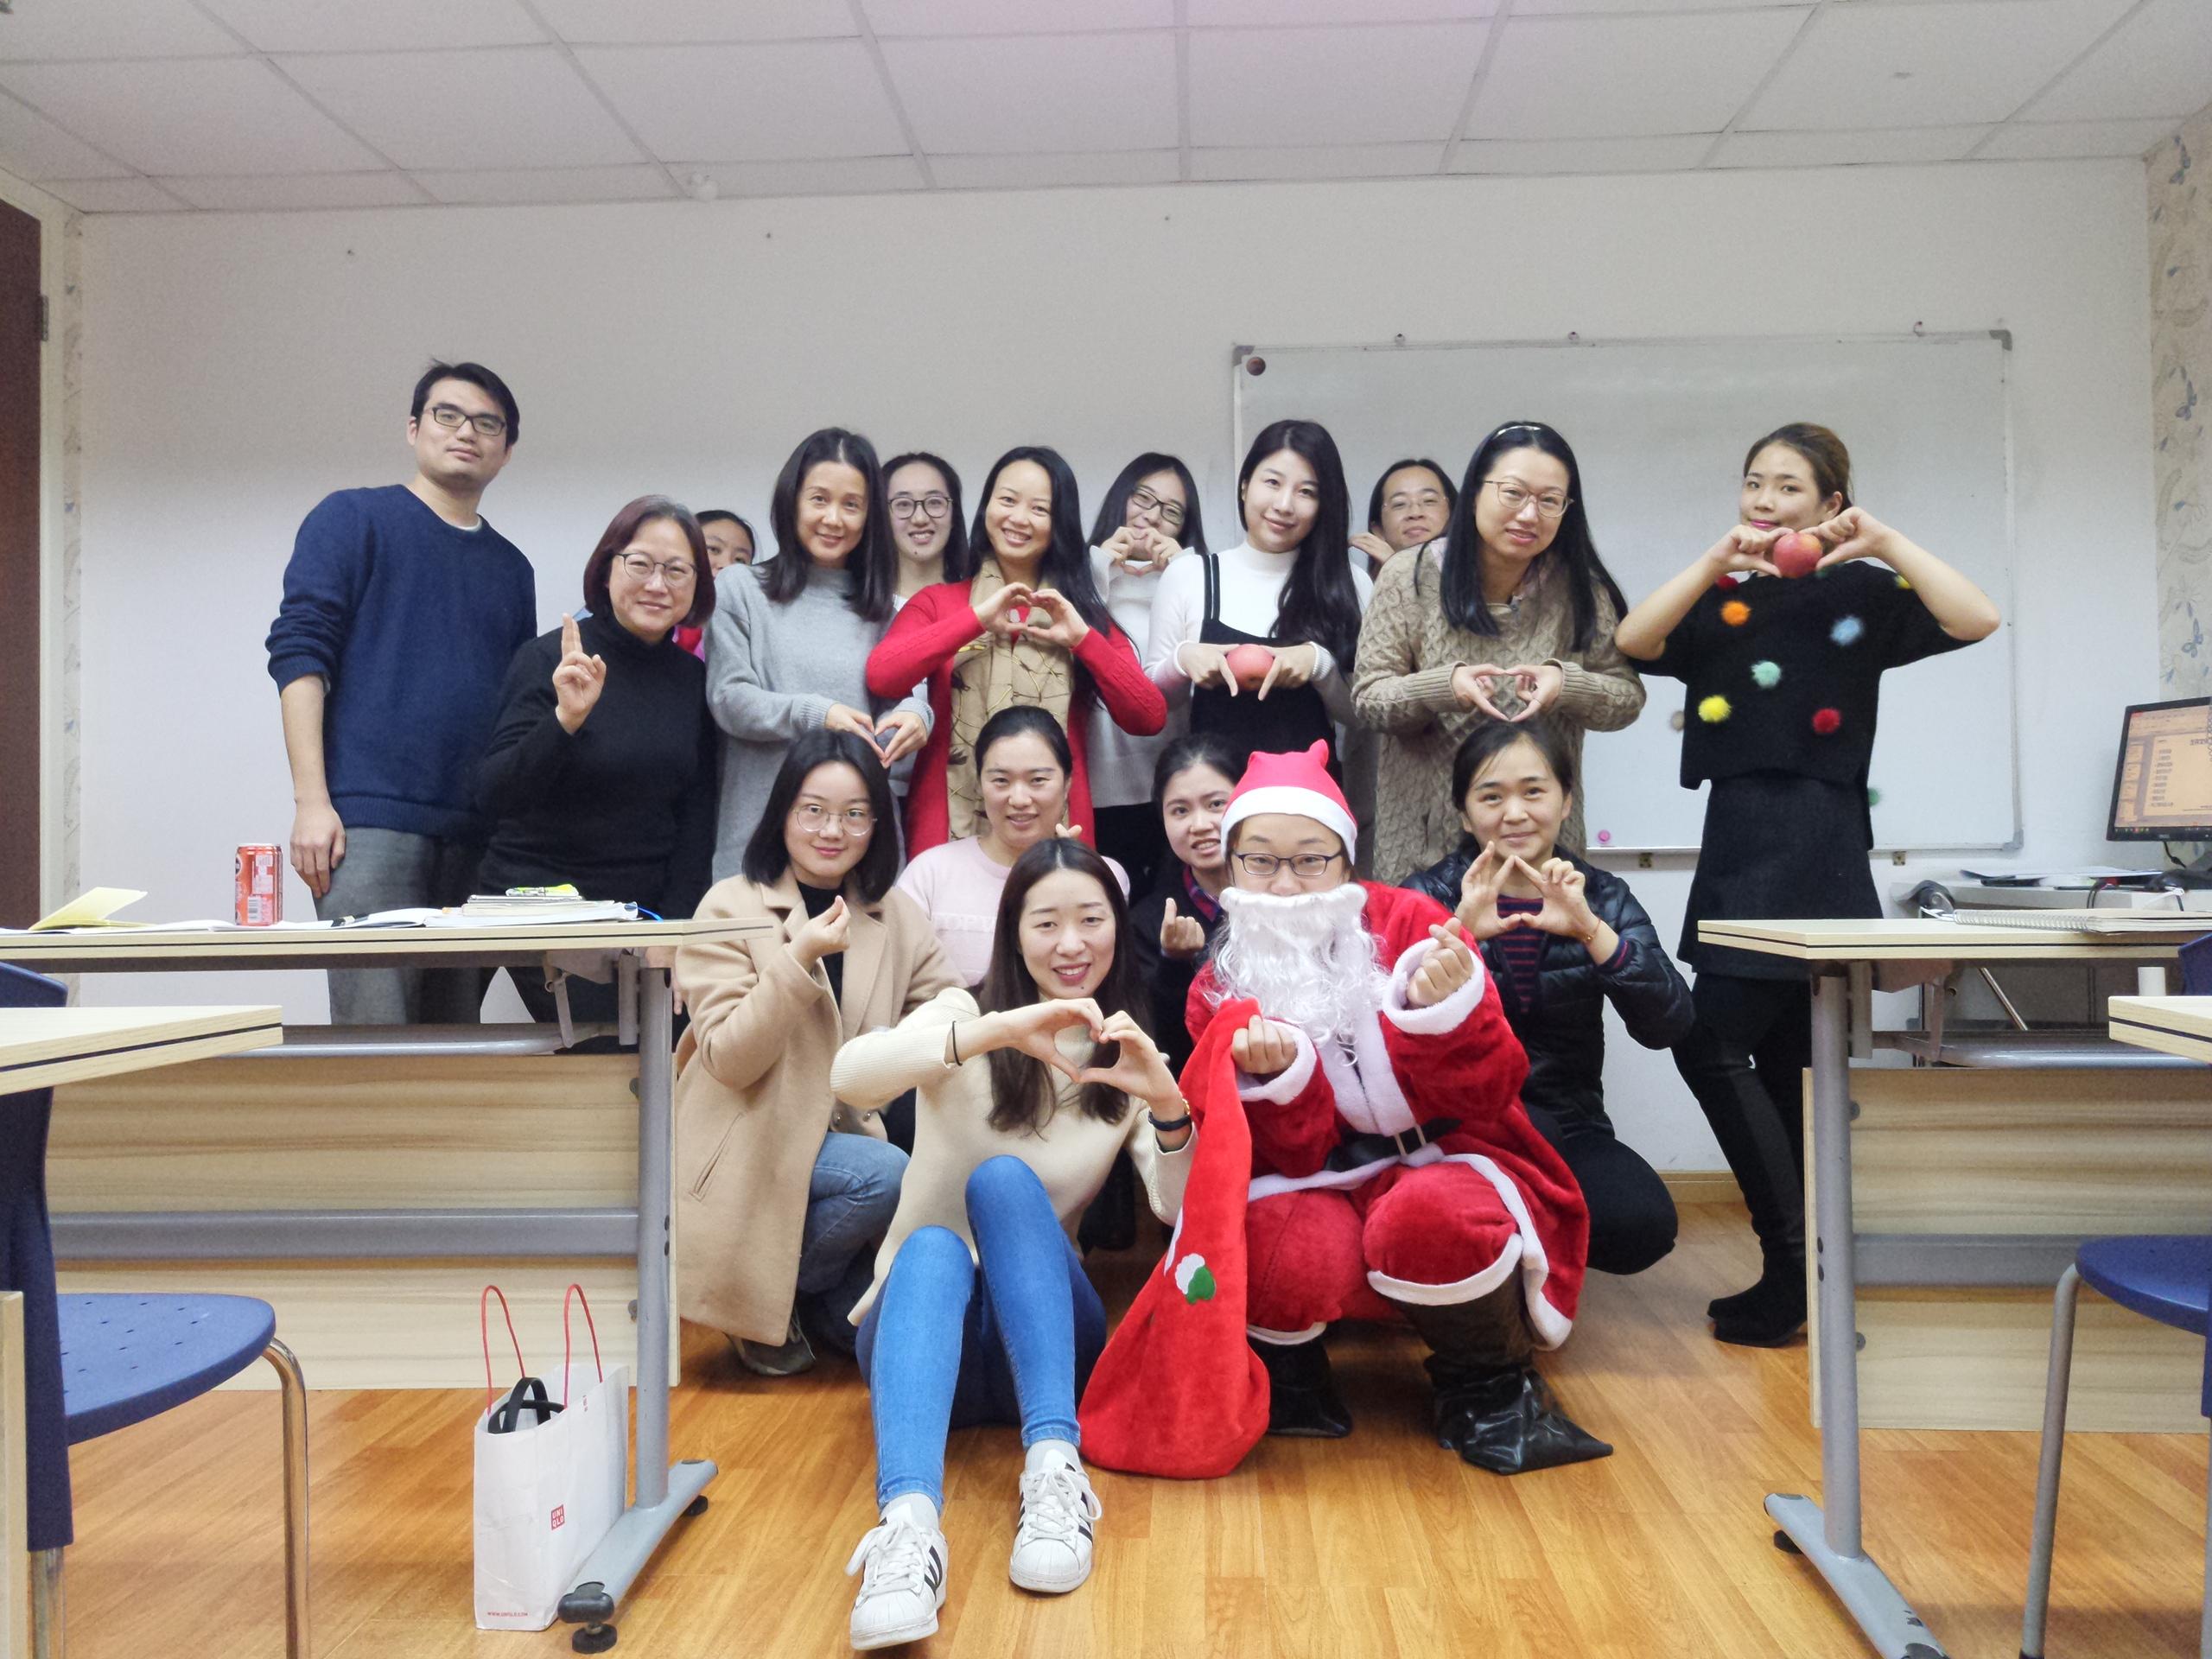 玛瑞欧教育祝全体师生圣诞快乐